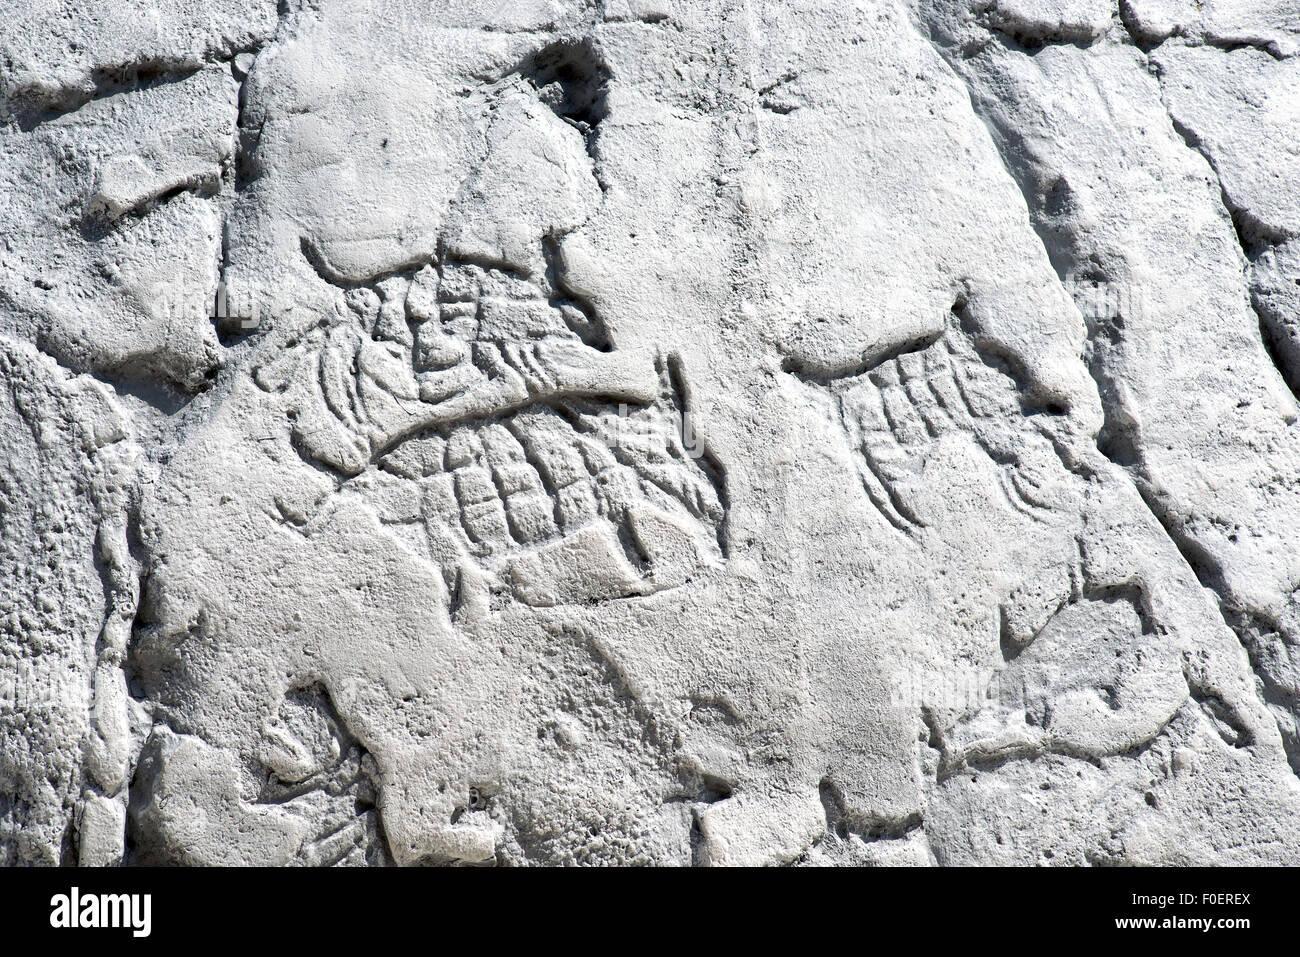 Opere d'arte primitiva su una roccia, animali e simboli sulla pietra bianca Immagini Stock